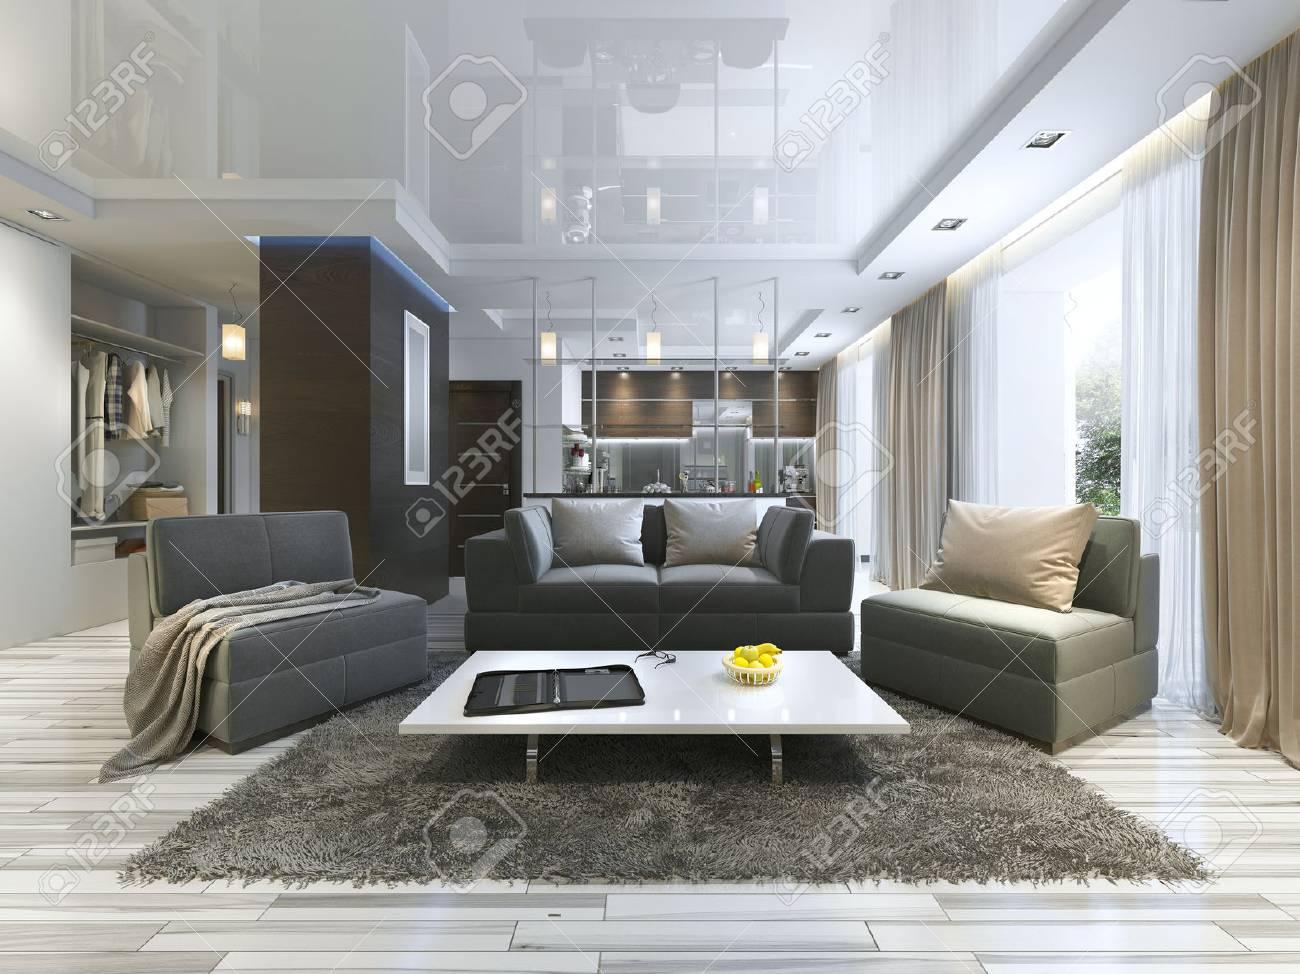 Luxus Wohnzimmer Studio In Einem Modernen Stil Mit Bequemen Sesseln